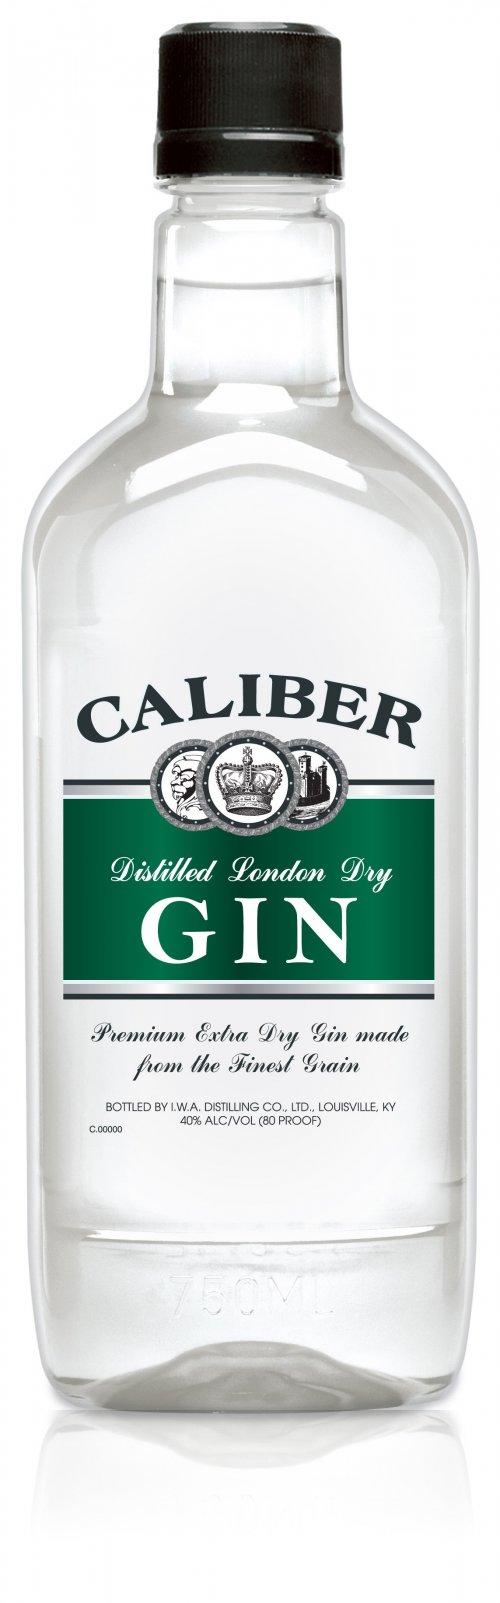 Caliber Gin